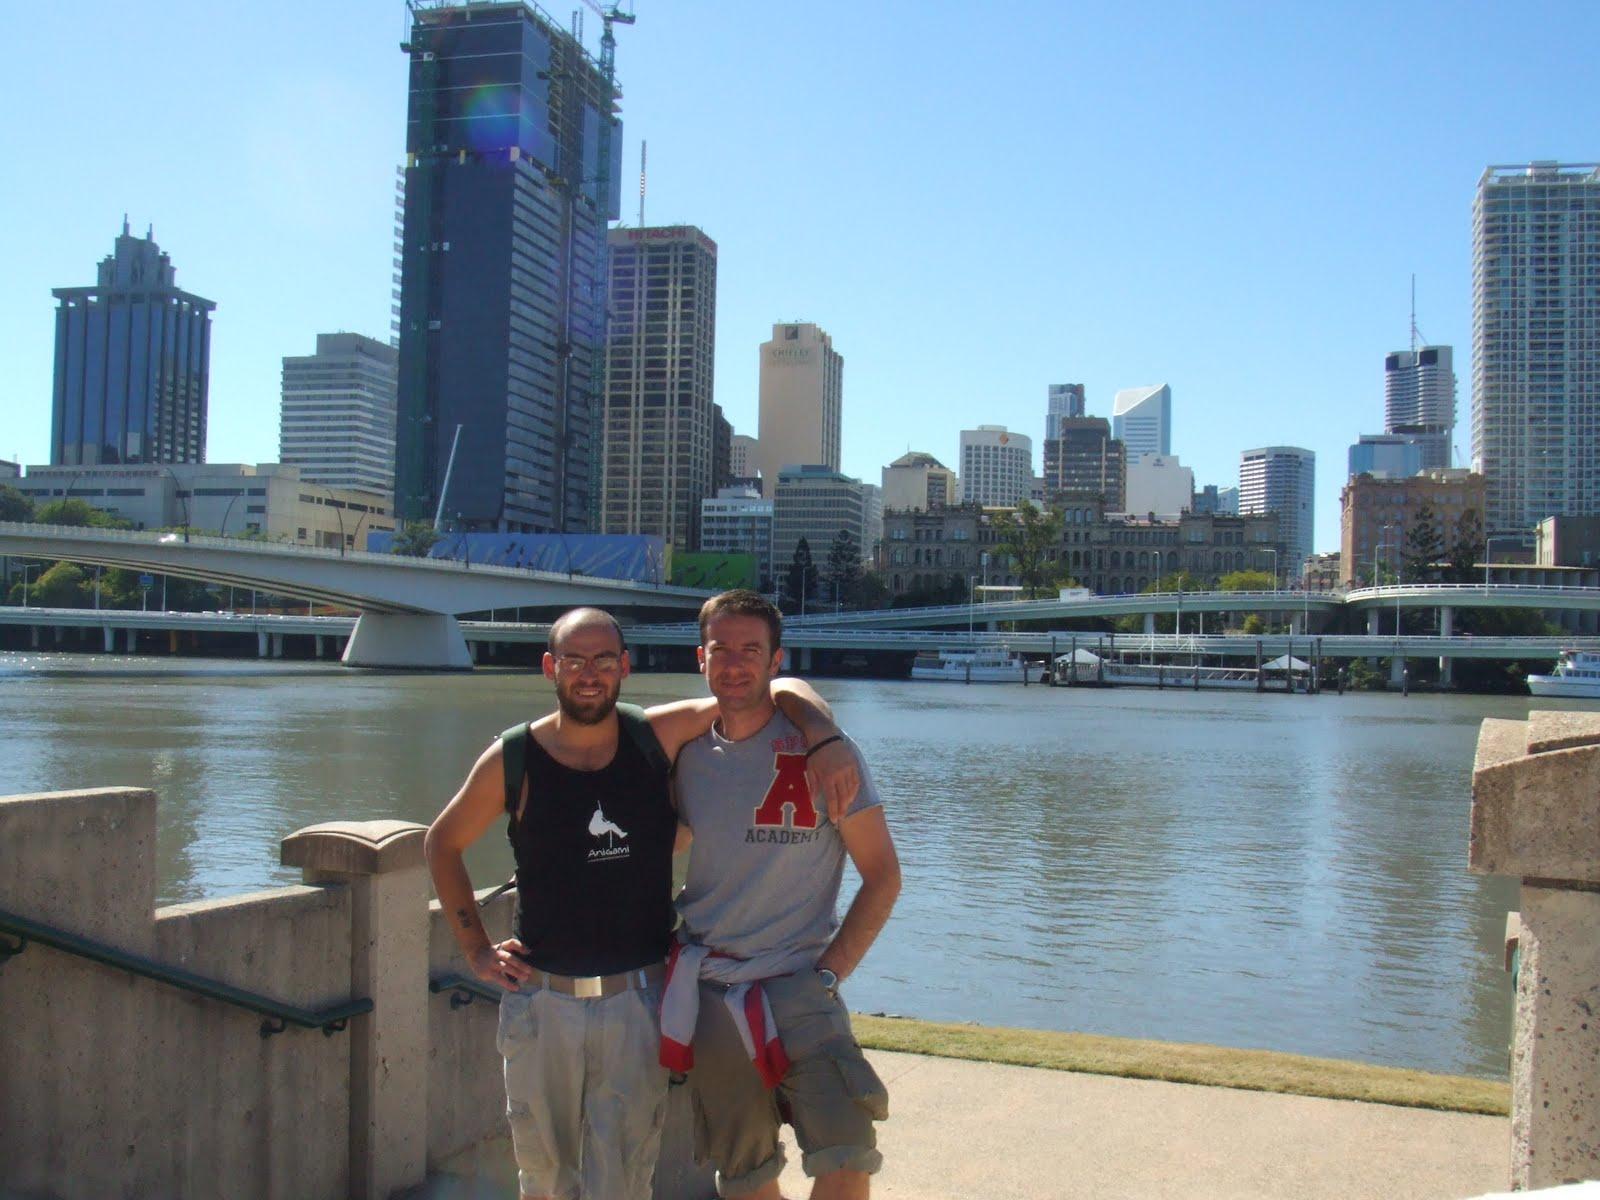 Lesbiche velocità dating Sydney